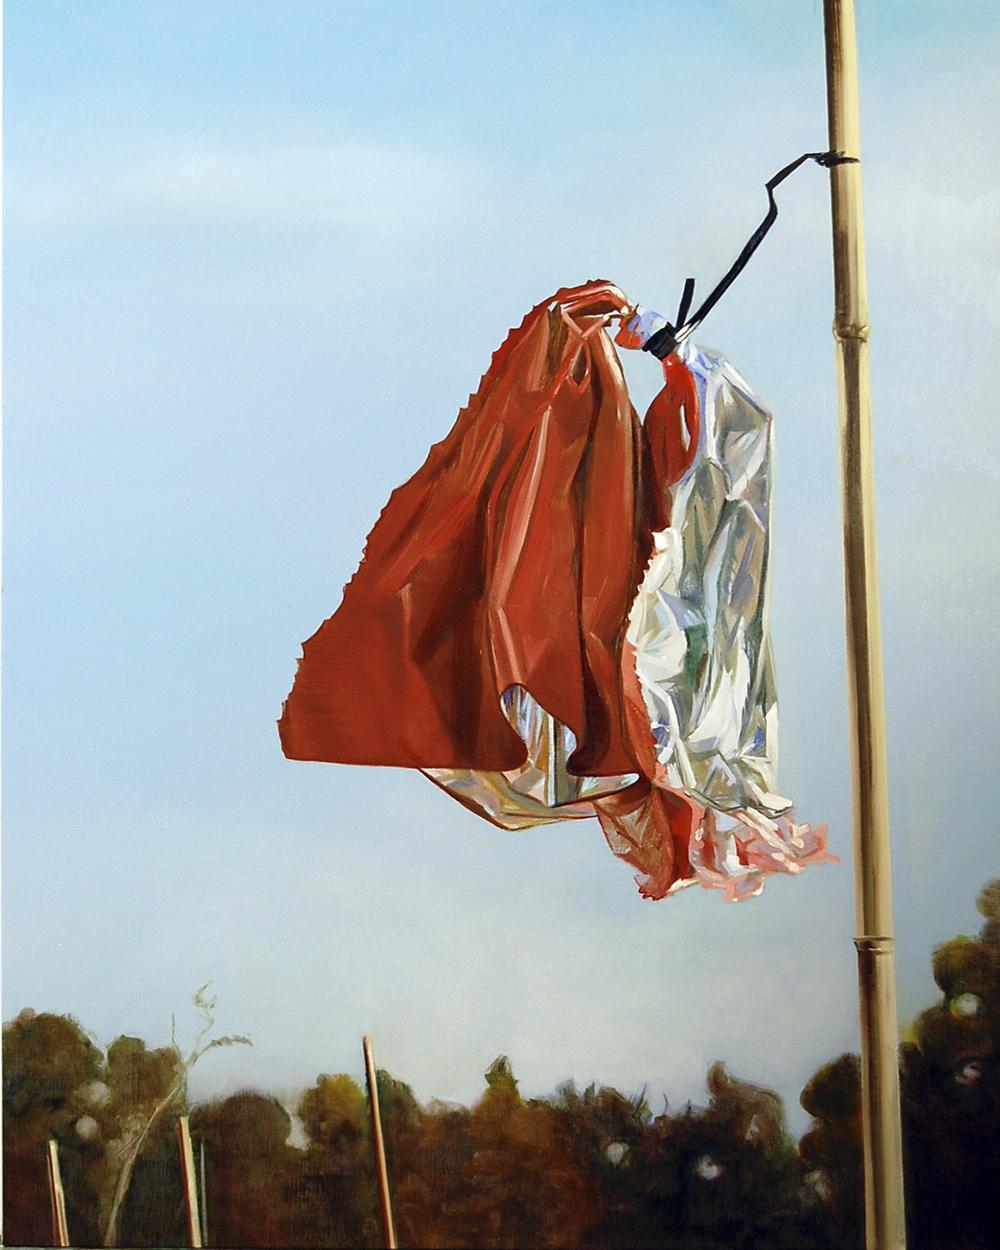 Flag oil on linen 32x24, 2010